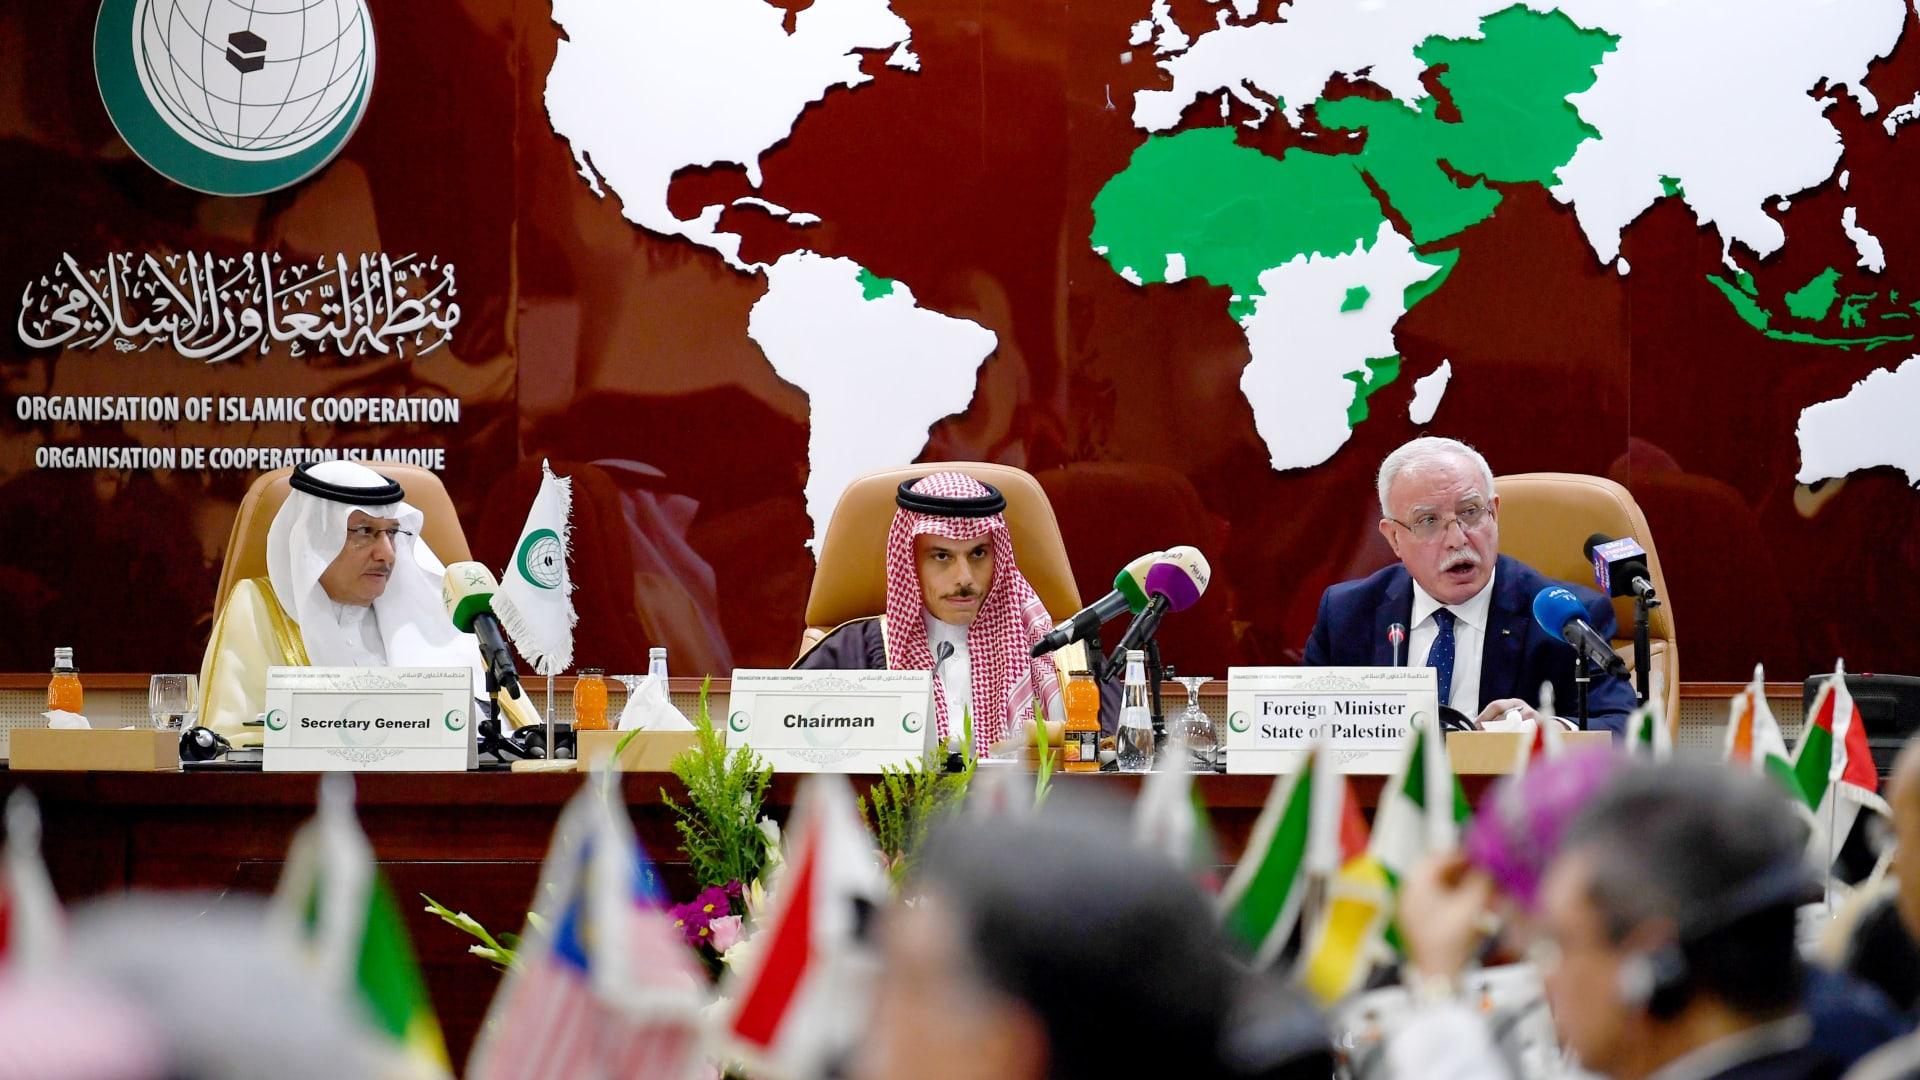 """""""التعاون الإسلامي"""" تنتخب أمينًا عامًا جديدًا.. وتدين الرسوم المُسيئة للرسل"""